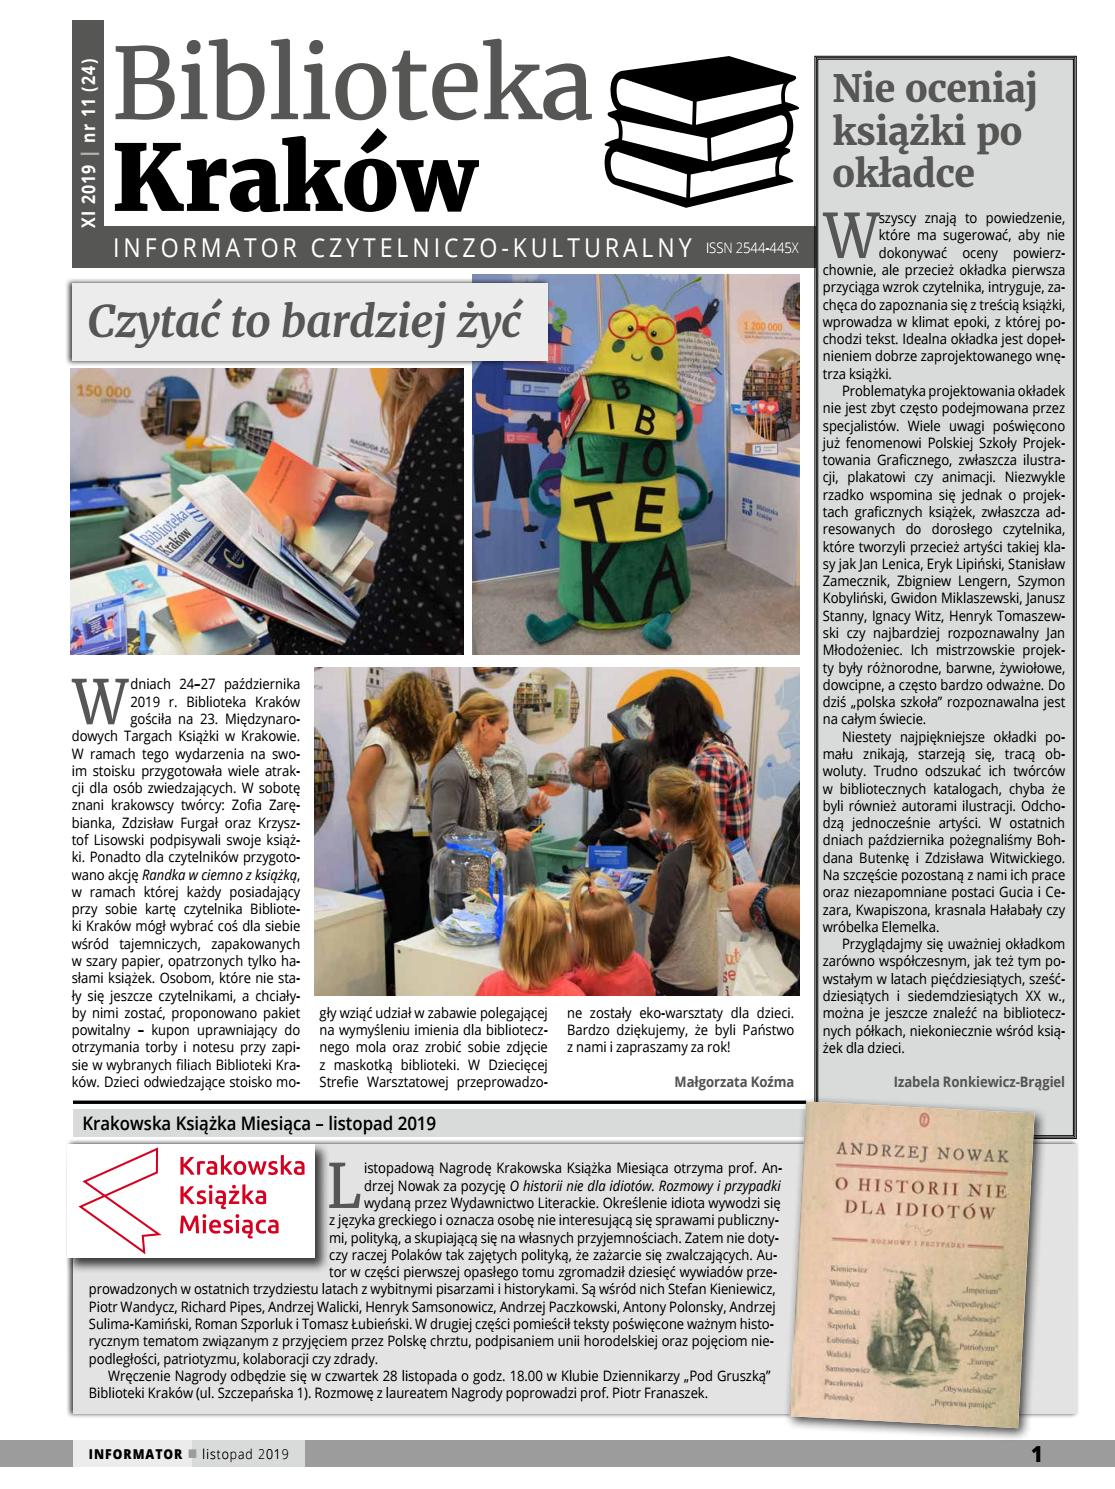 Biblioteka Kraków Informator Czytelniczo Kulturalny